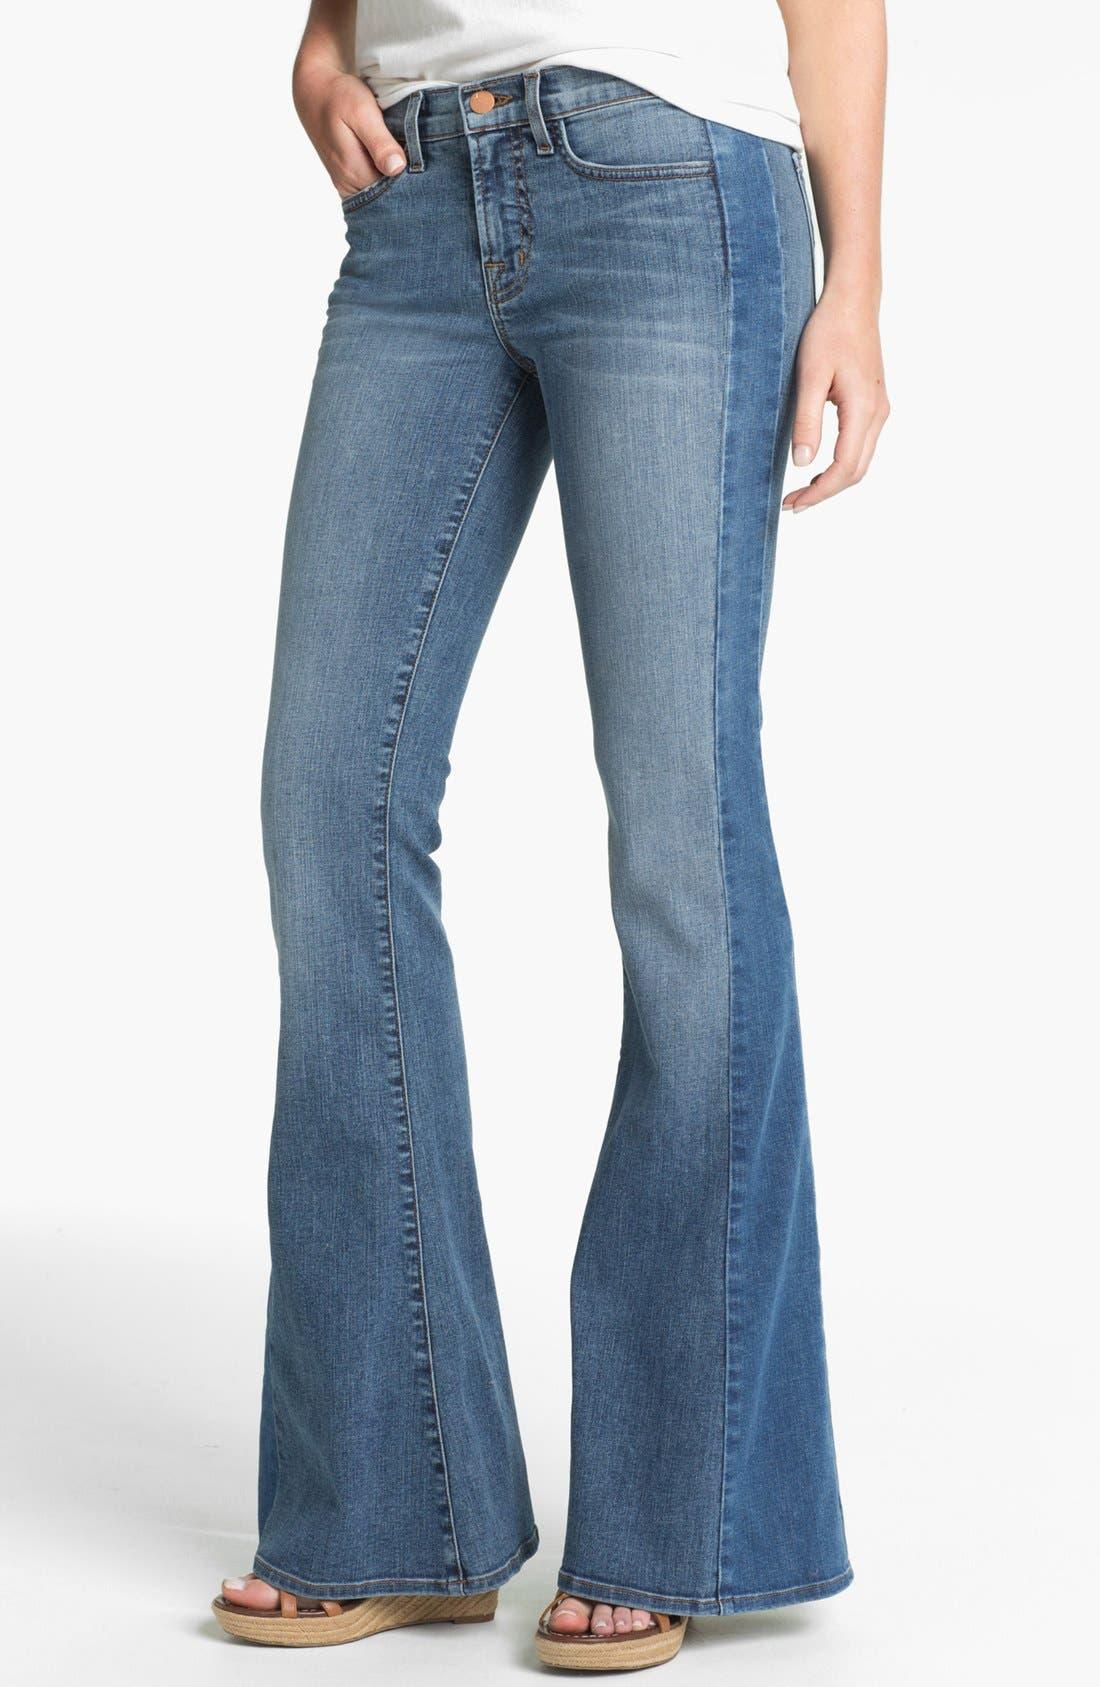 Alternate Image 1 Selected - J Brand 'Chrissy' Flare Leg Jeans (Bliss)